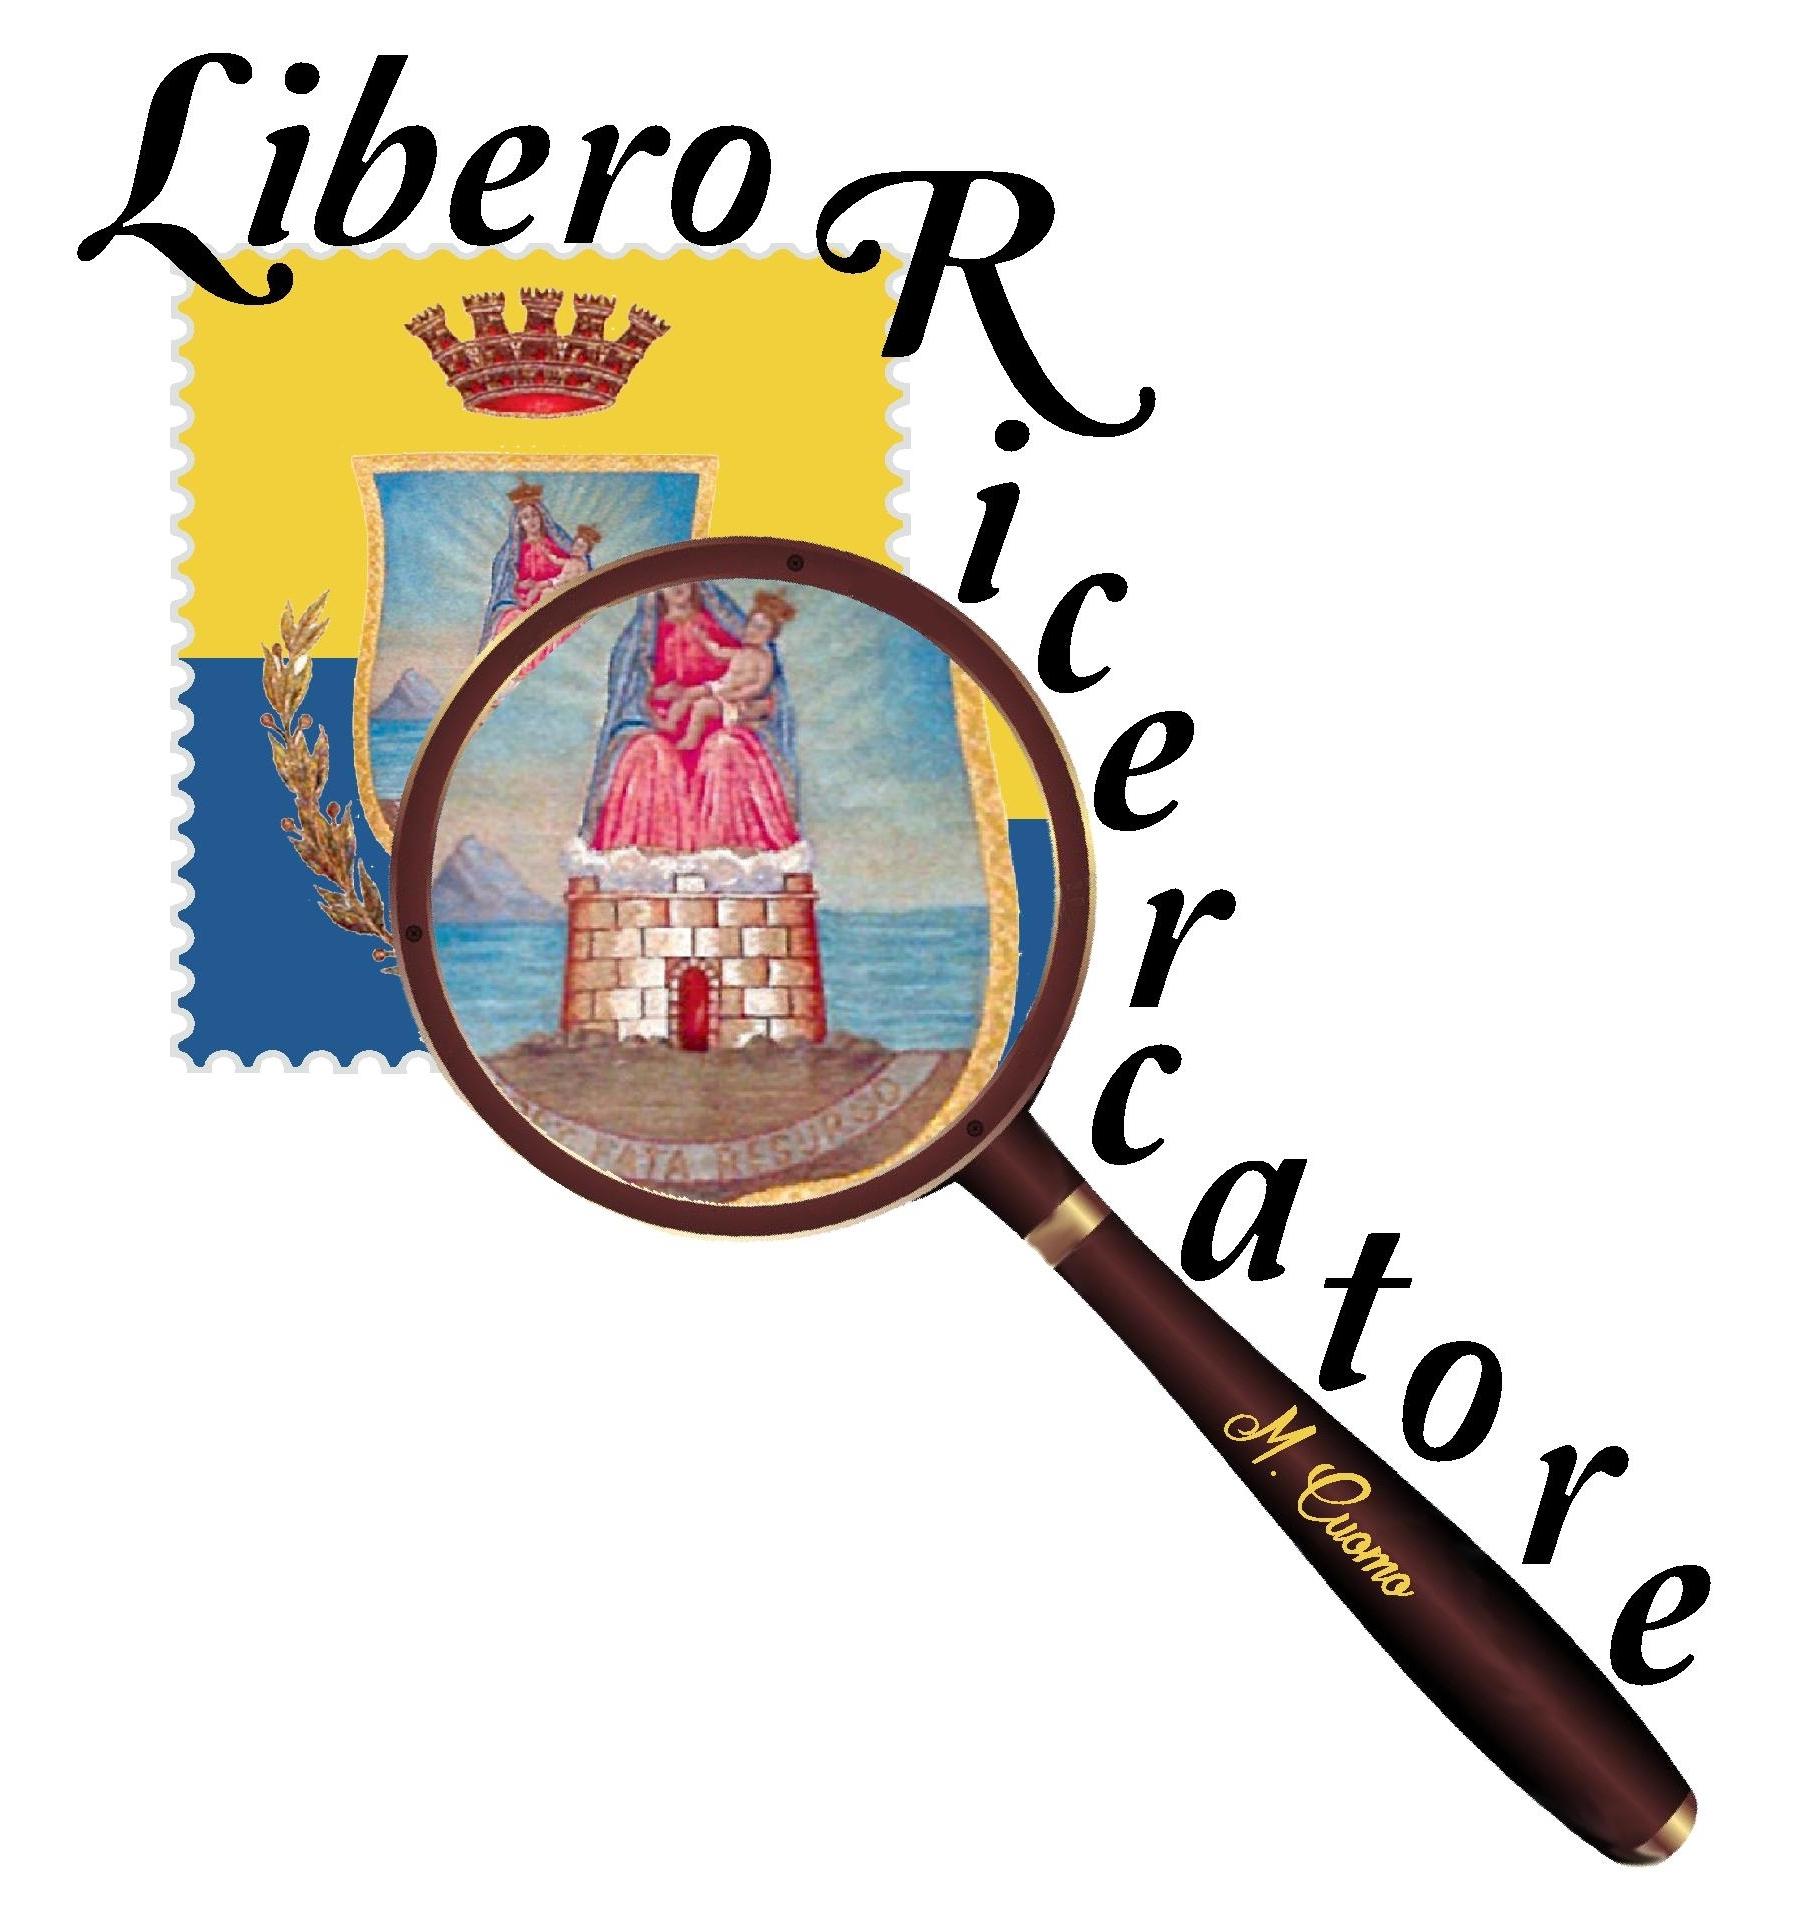 Il nuovo logo di liberoricercatore.it